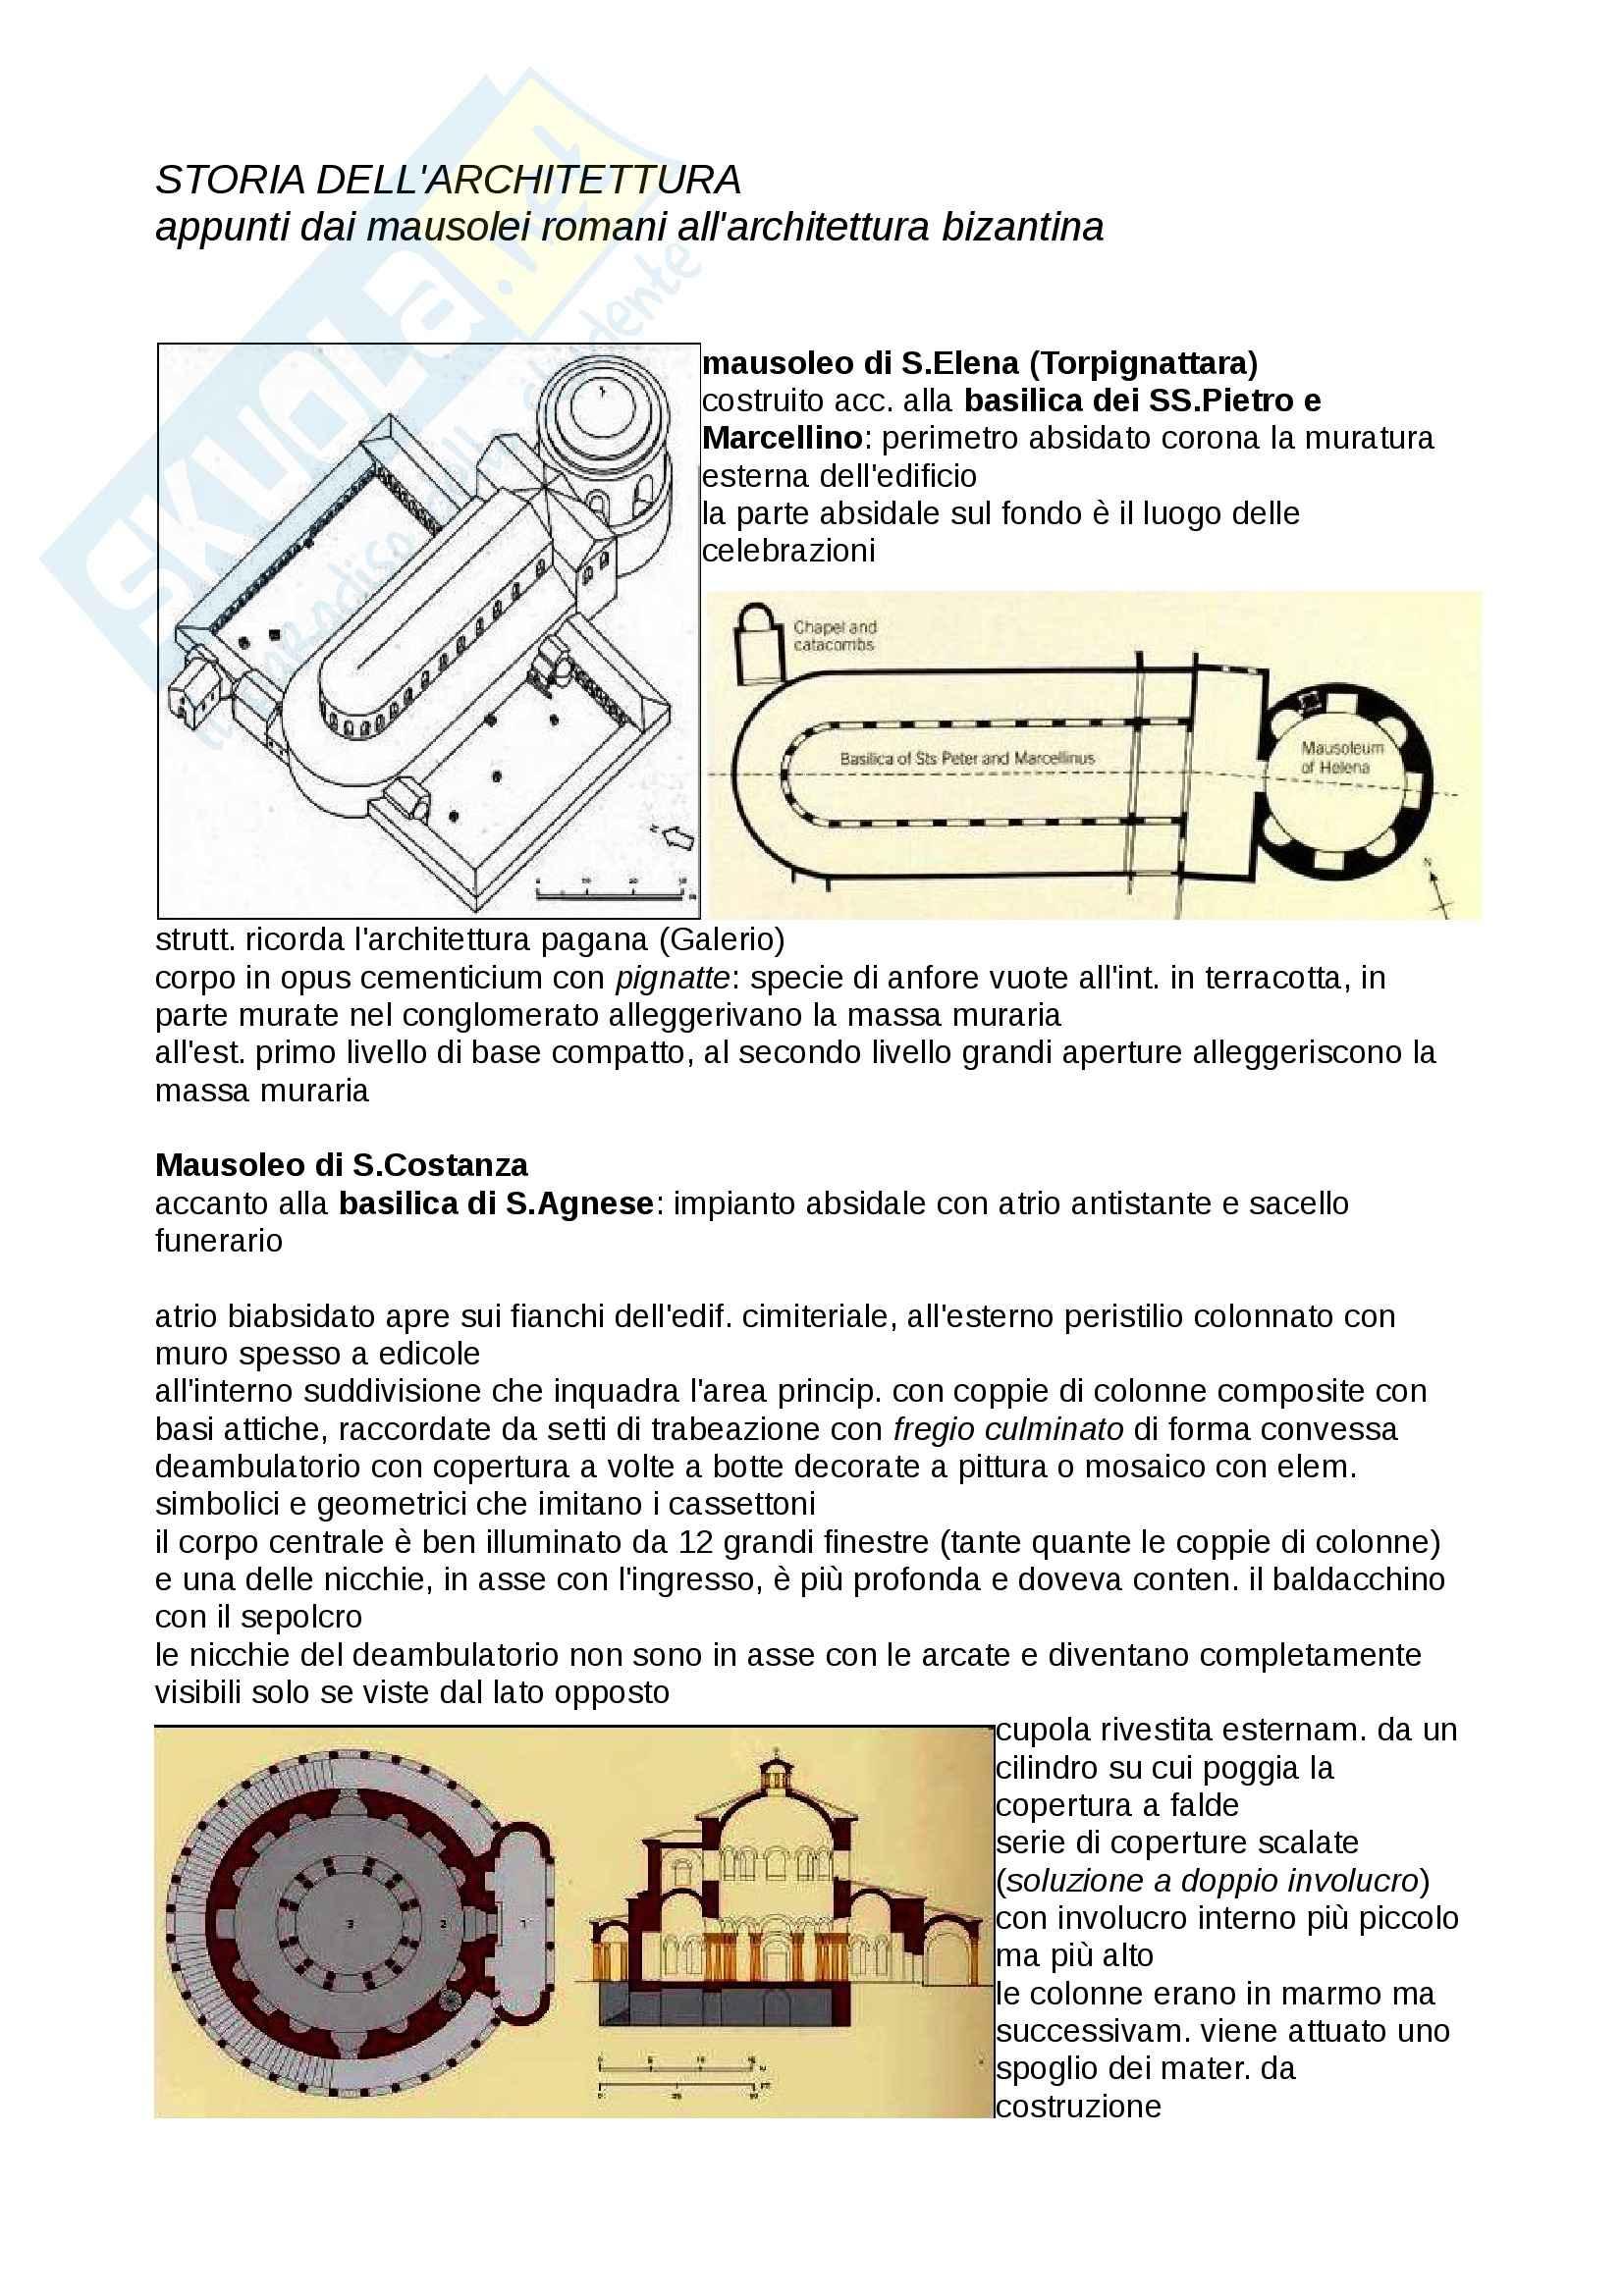 Storia dell'Architettura - dai mausolei romani all'architettura bizantina